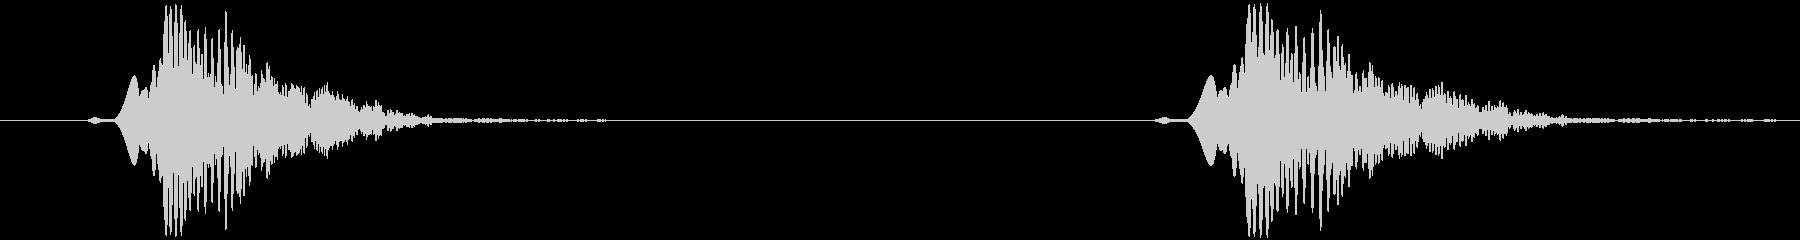 下敷き(高め)ポワンポワンの未再生の波形